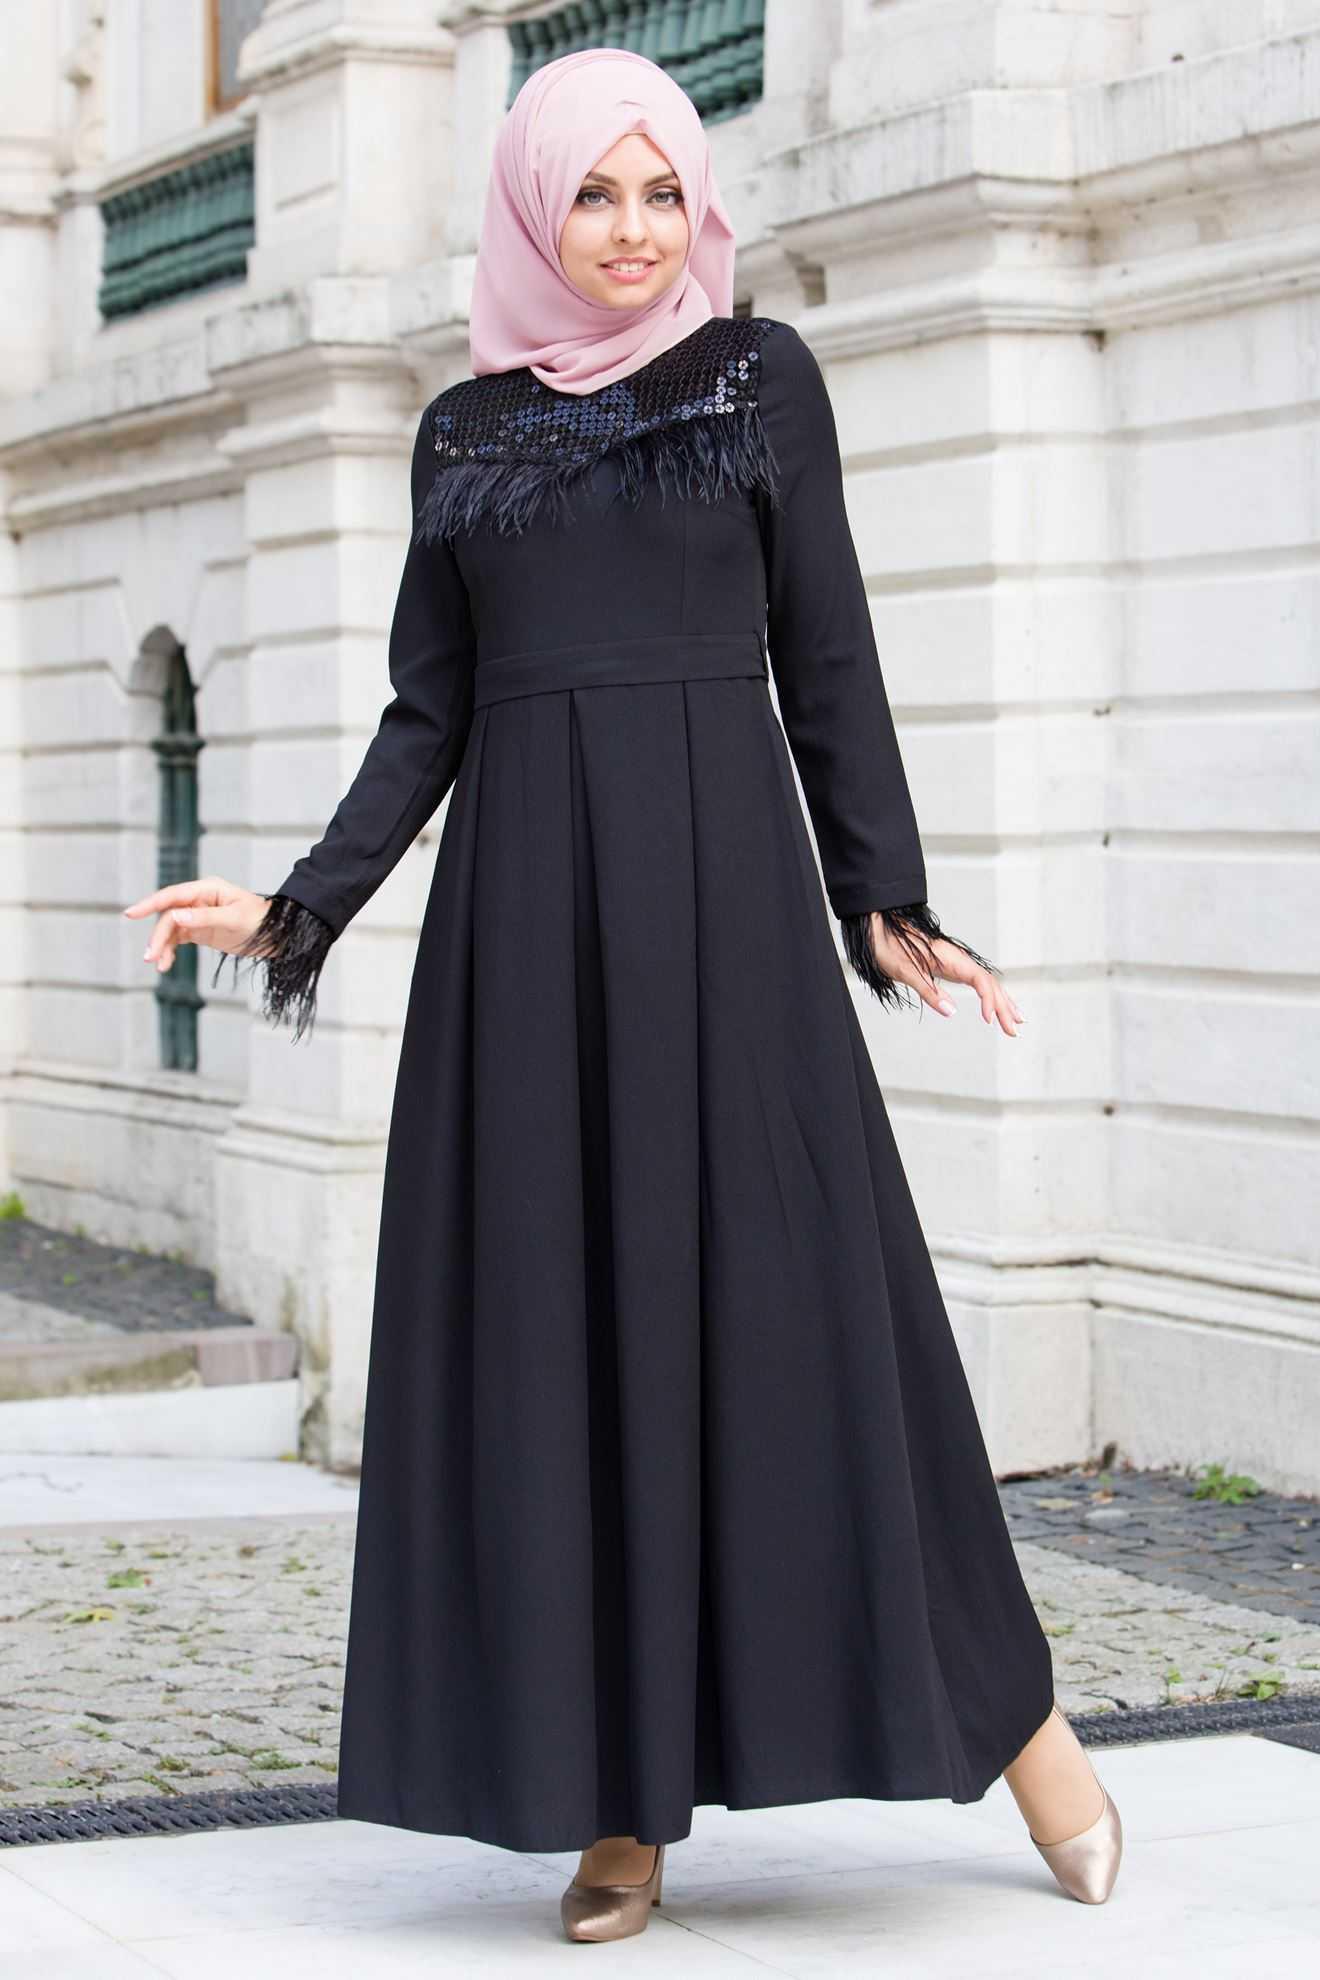 Sedanur Pullu Tesettür Abiye Elbise Modelleri